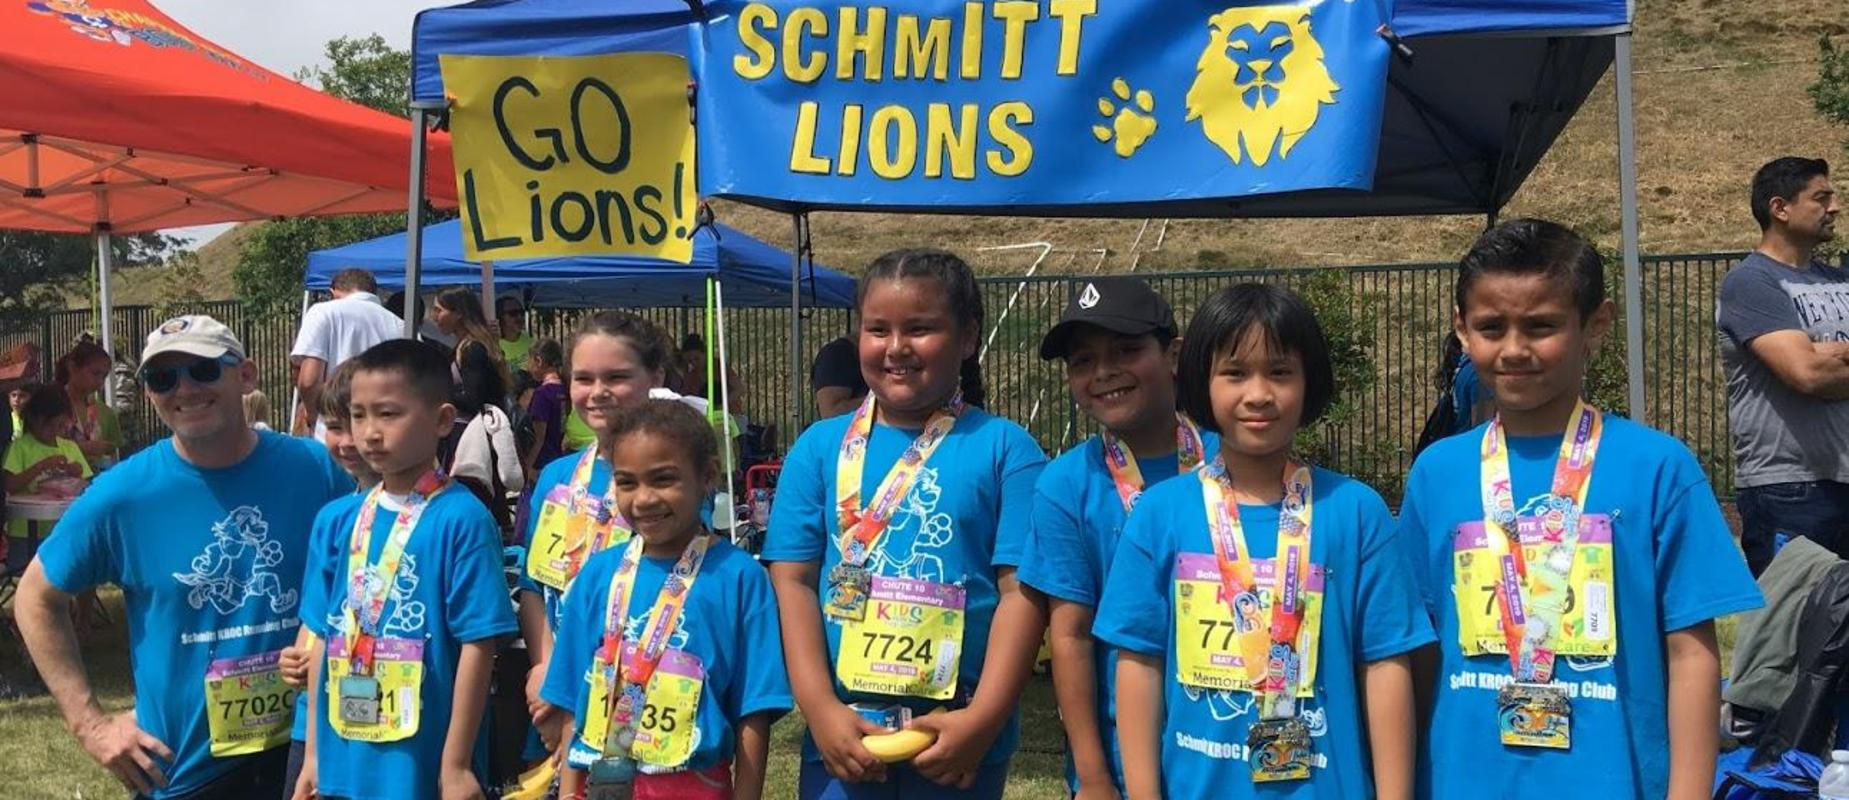 Schmitt Elementary at OC Fun Run